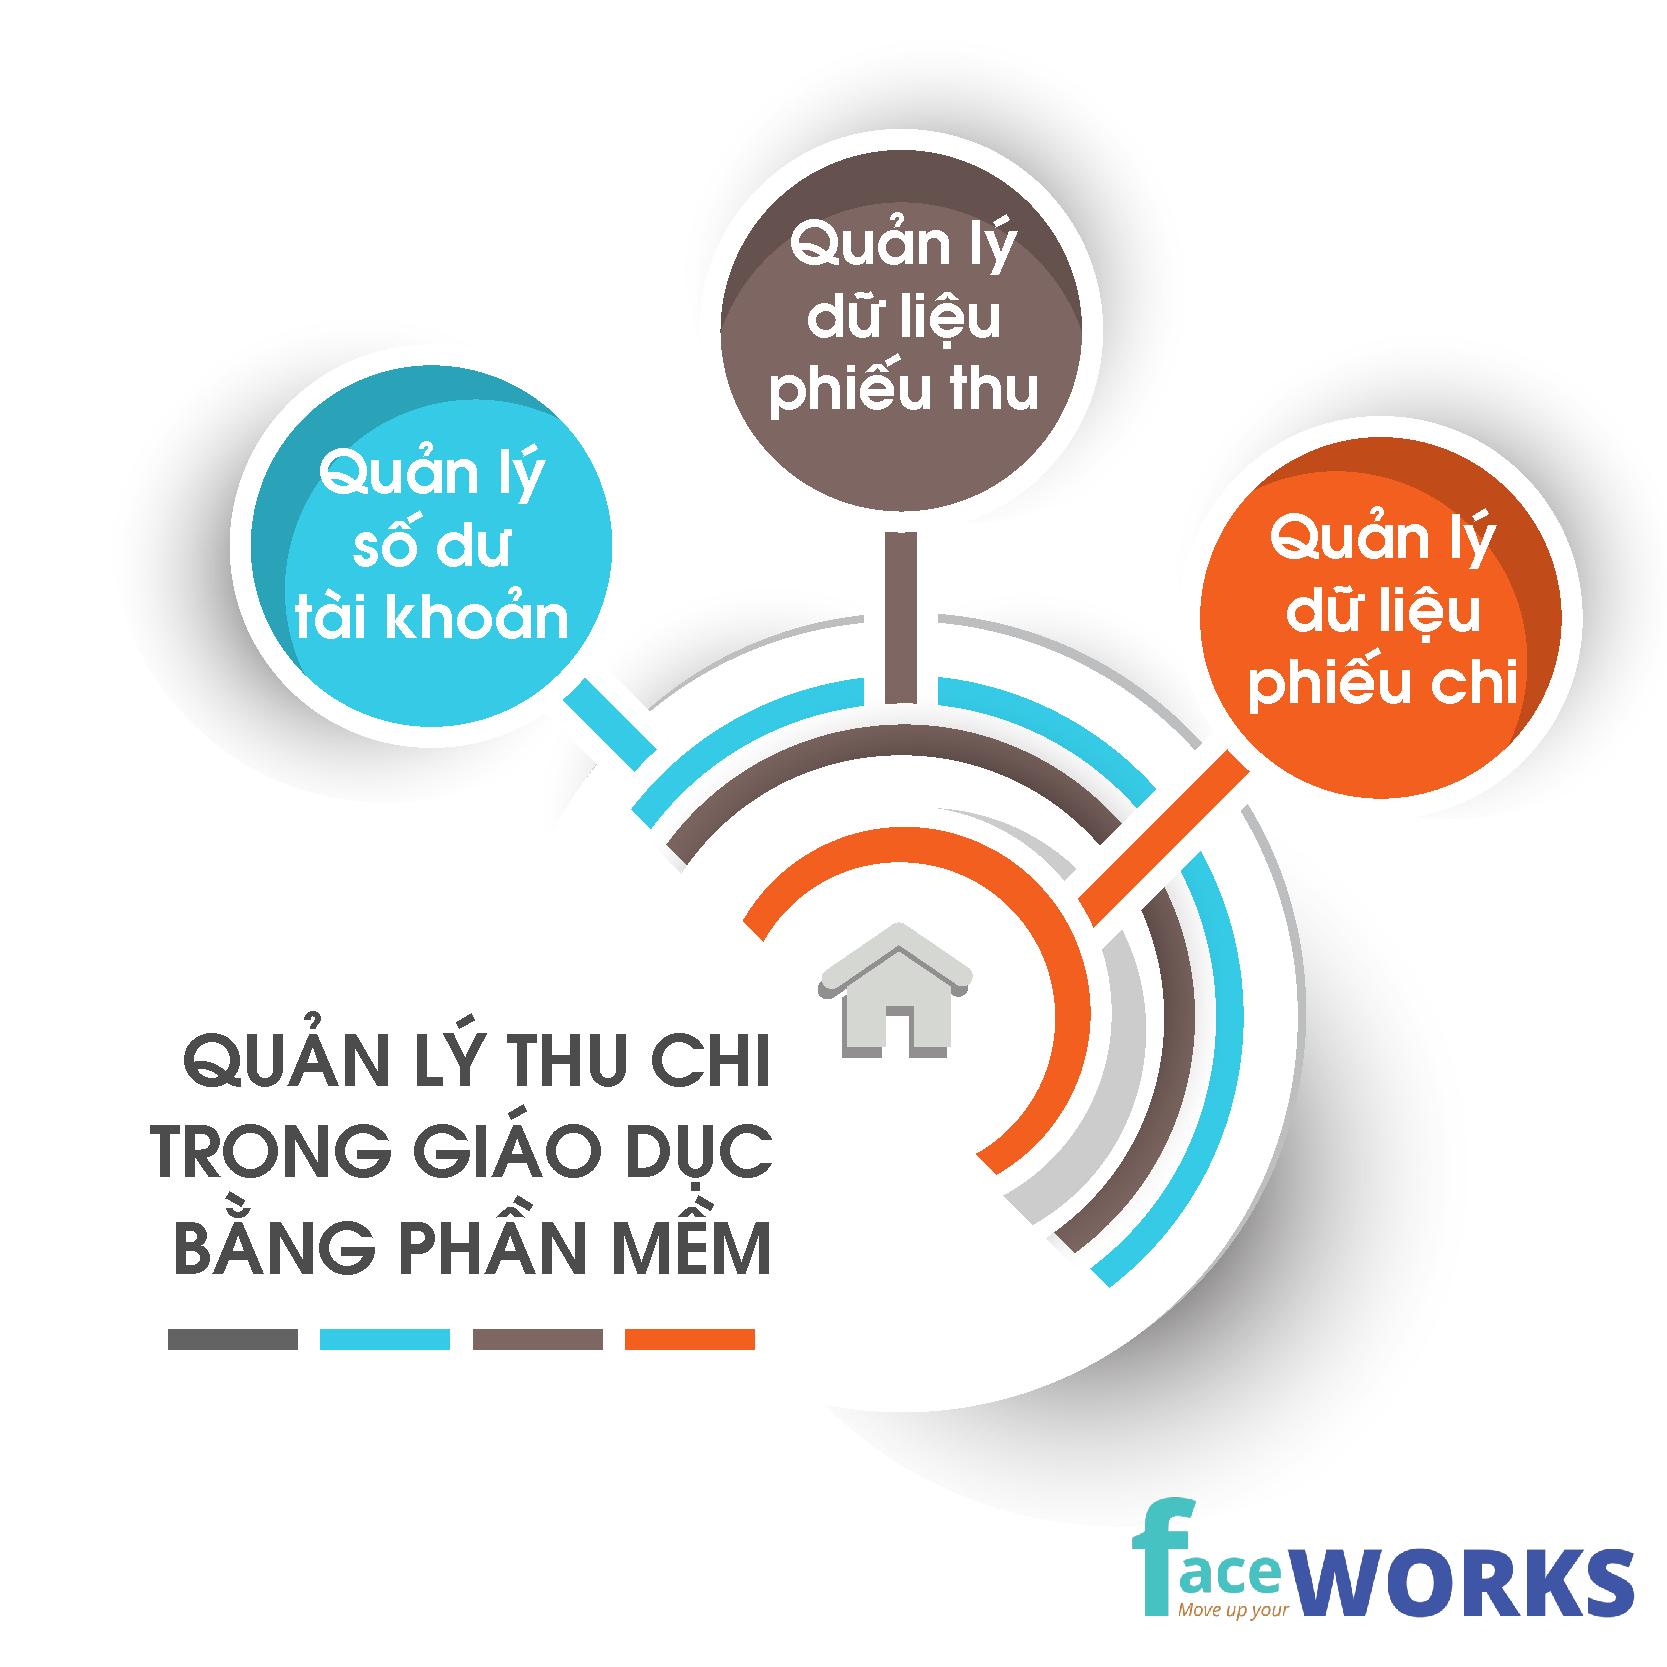 Quản lý thu chi hiệu quả trung tâm đào tạo thời đại công nghệ 4.0